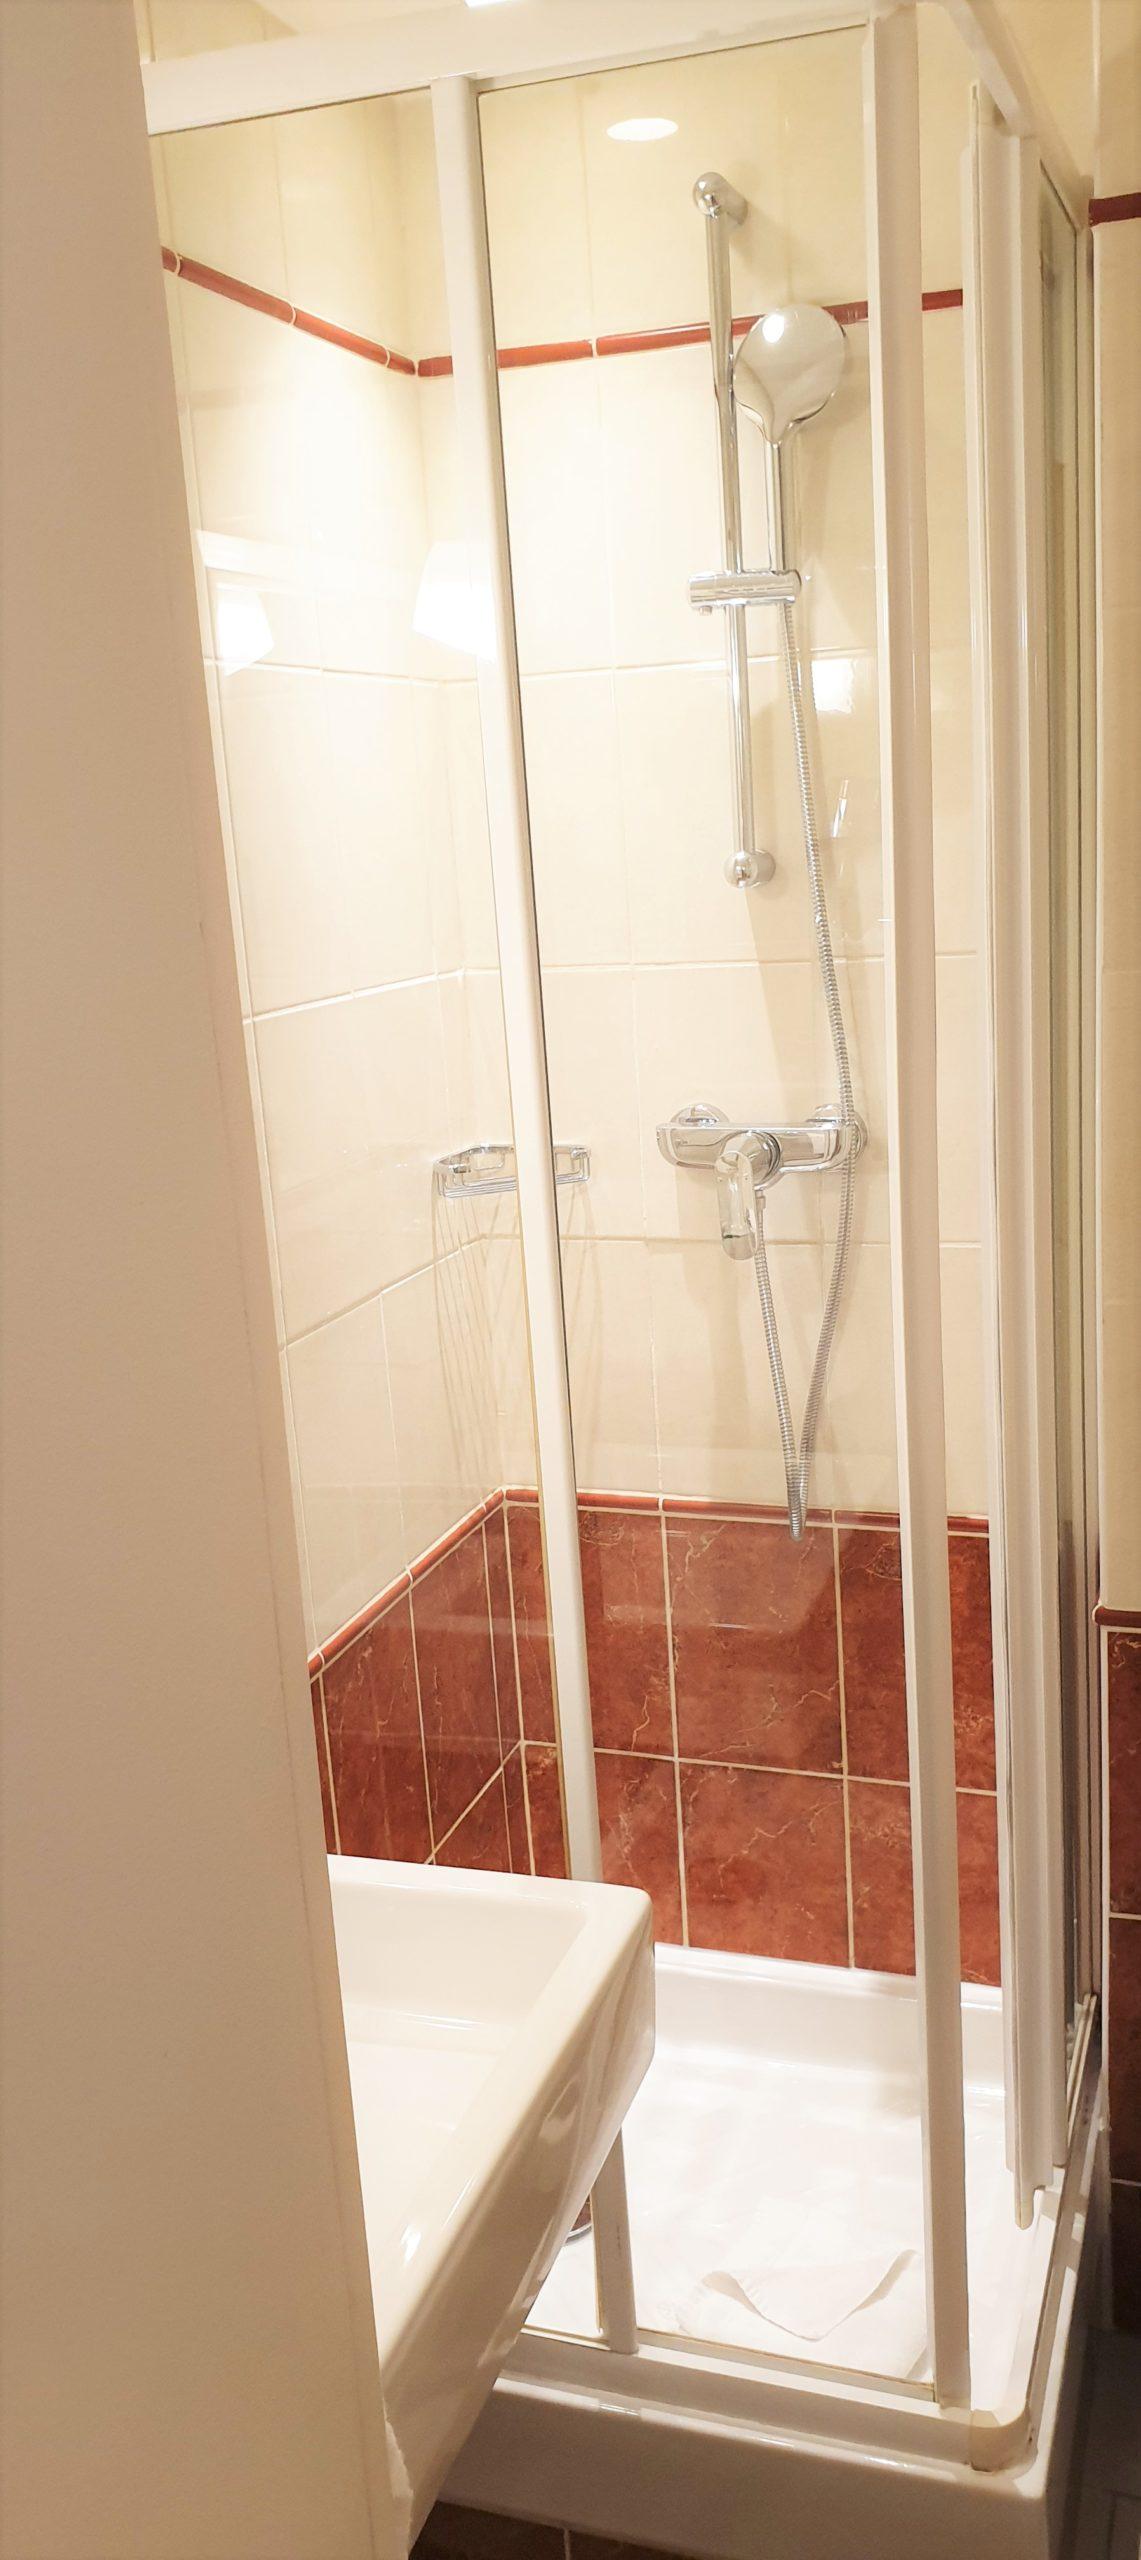 salle de bain solo - hôtel magda champs-élysées